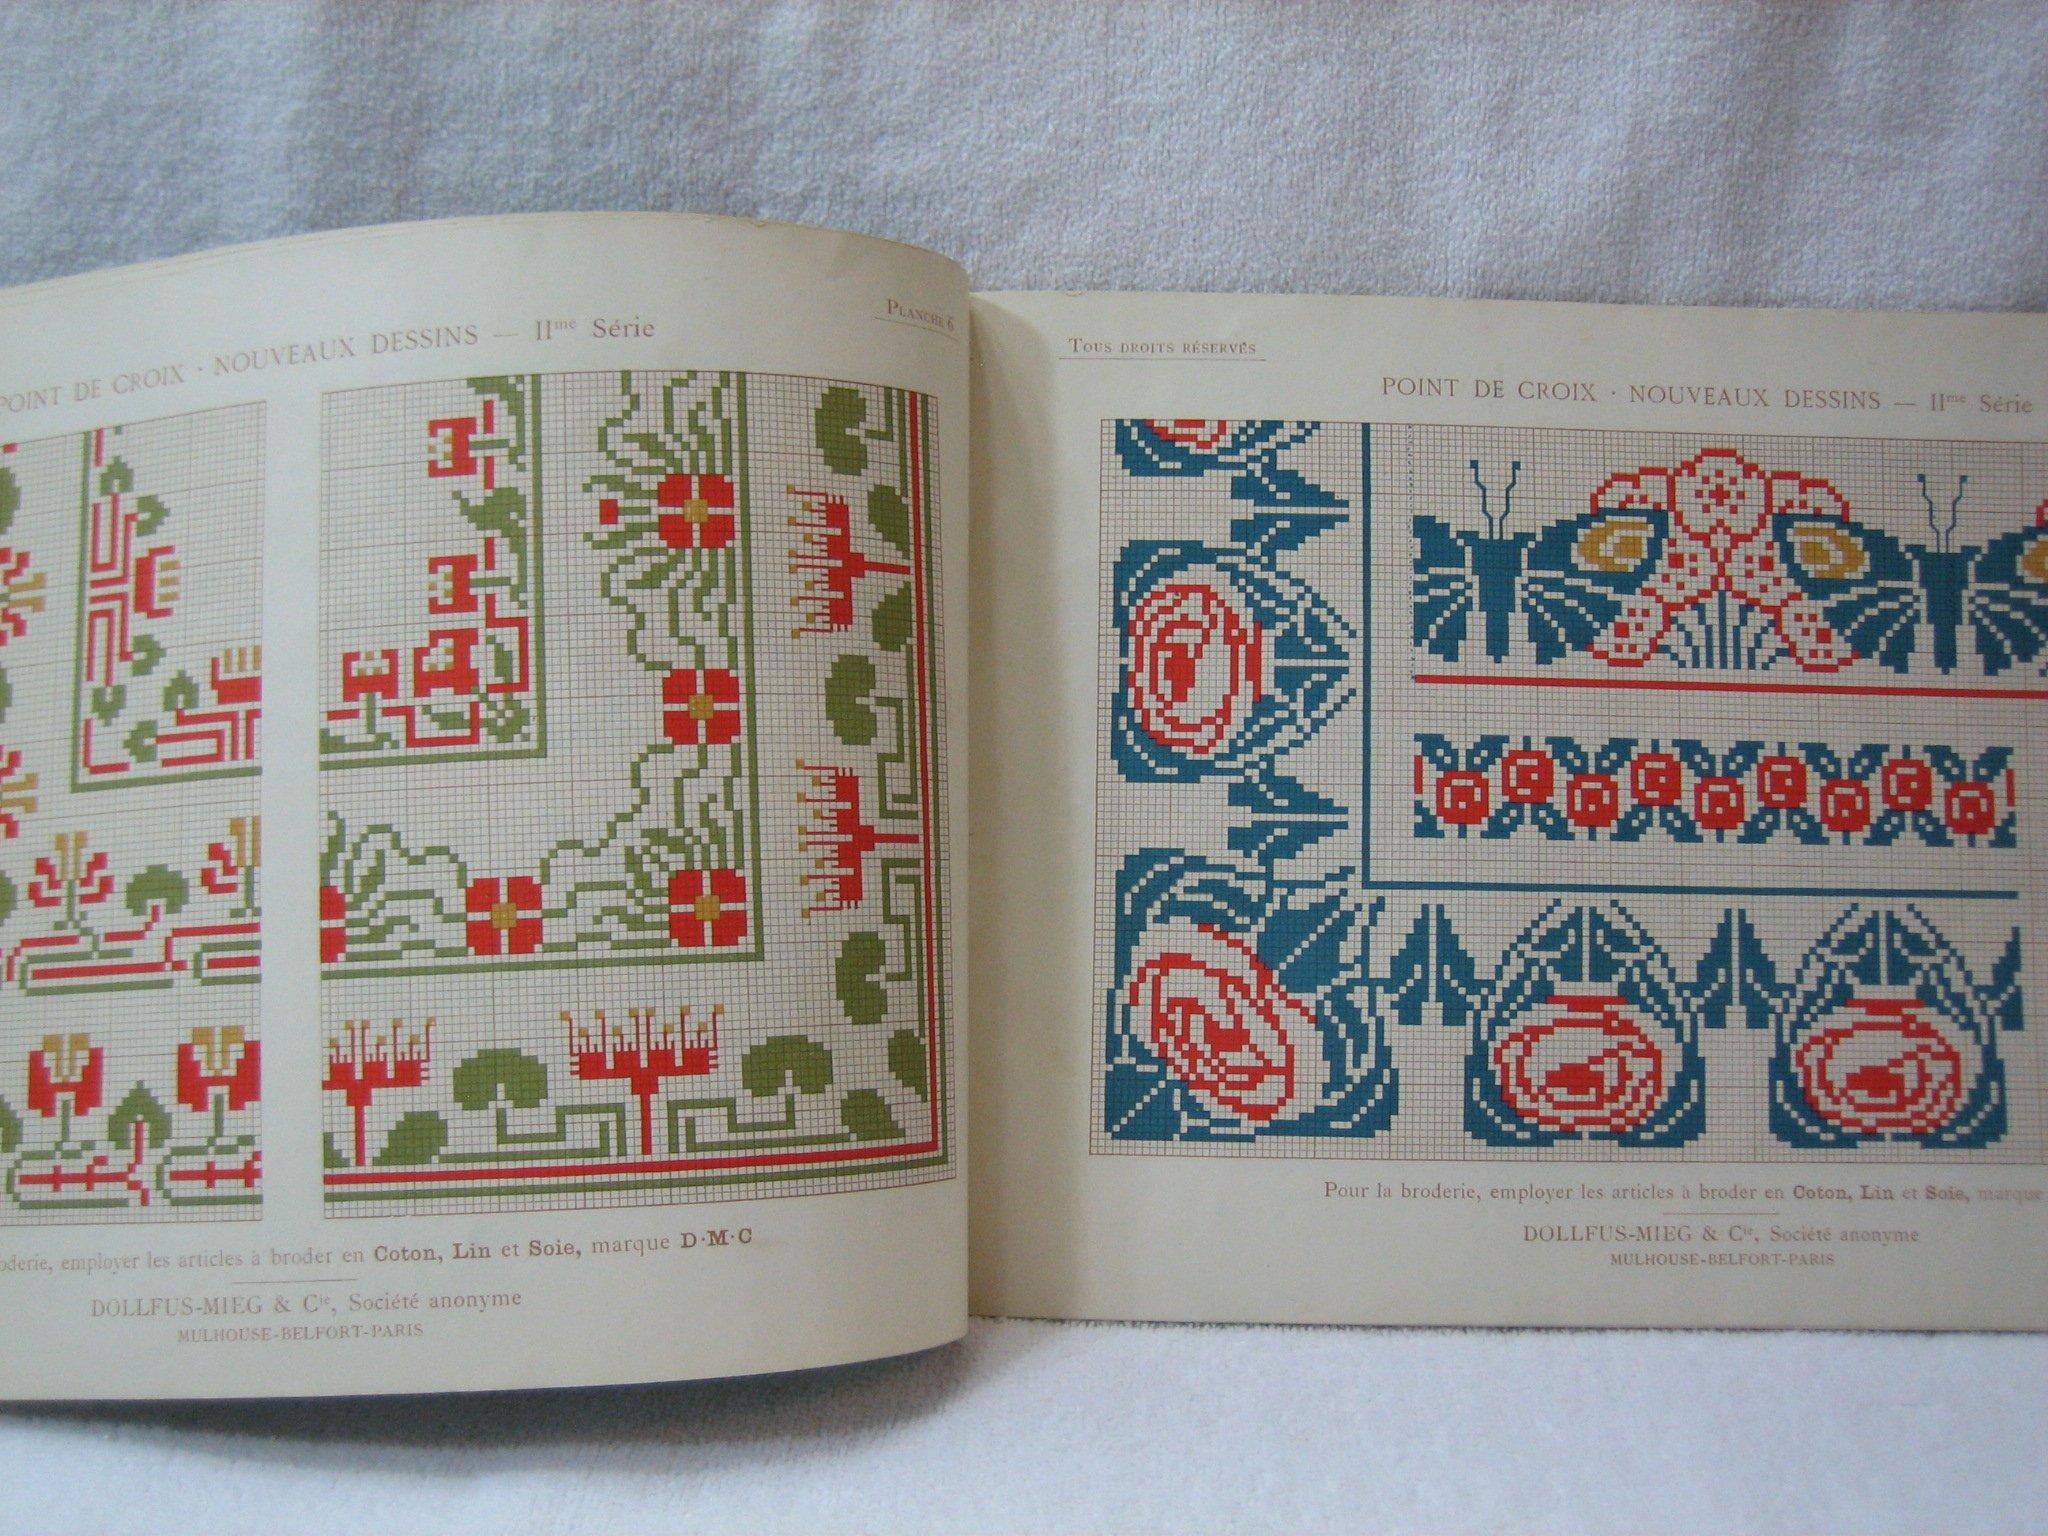 Point De Croix Nouveaux Dessins 2me Serie Bibliotheque D M C Therese De Dillmont Amazon Com Books